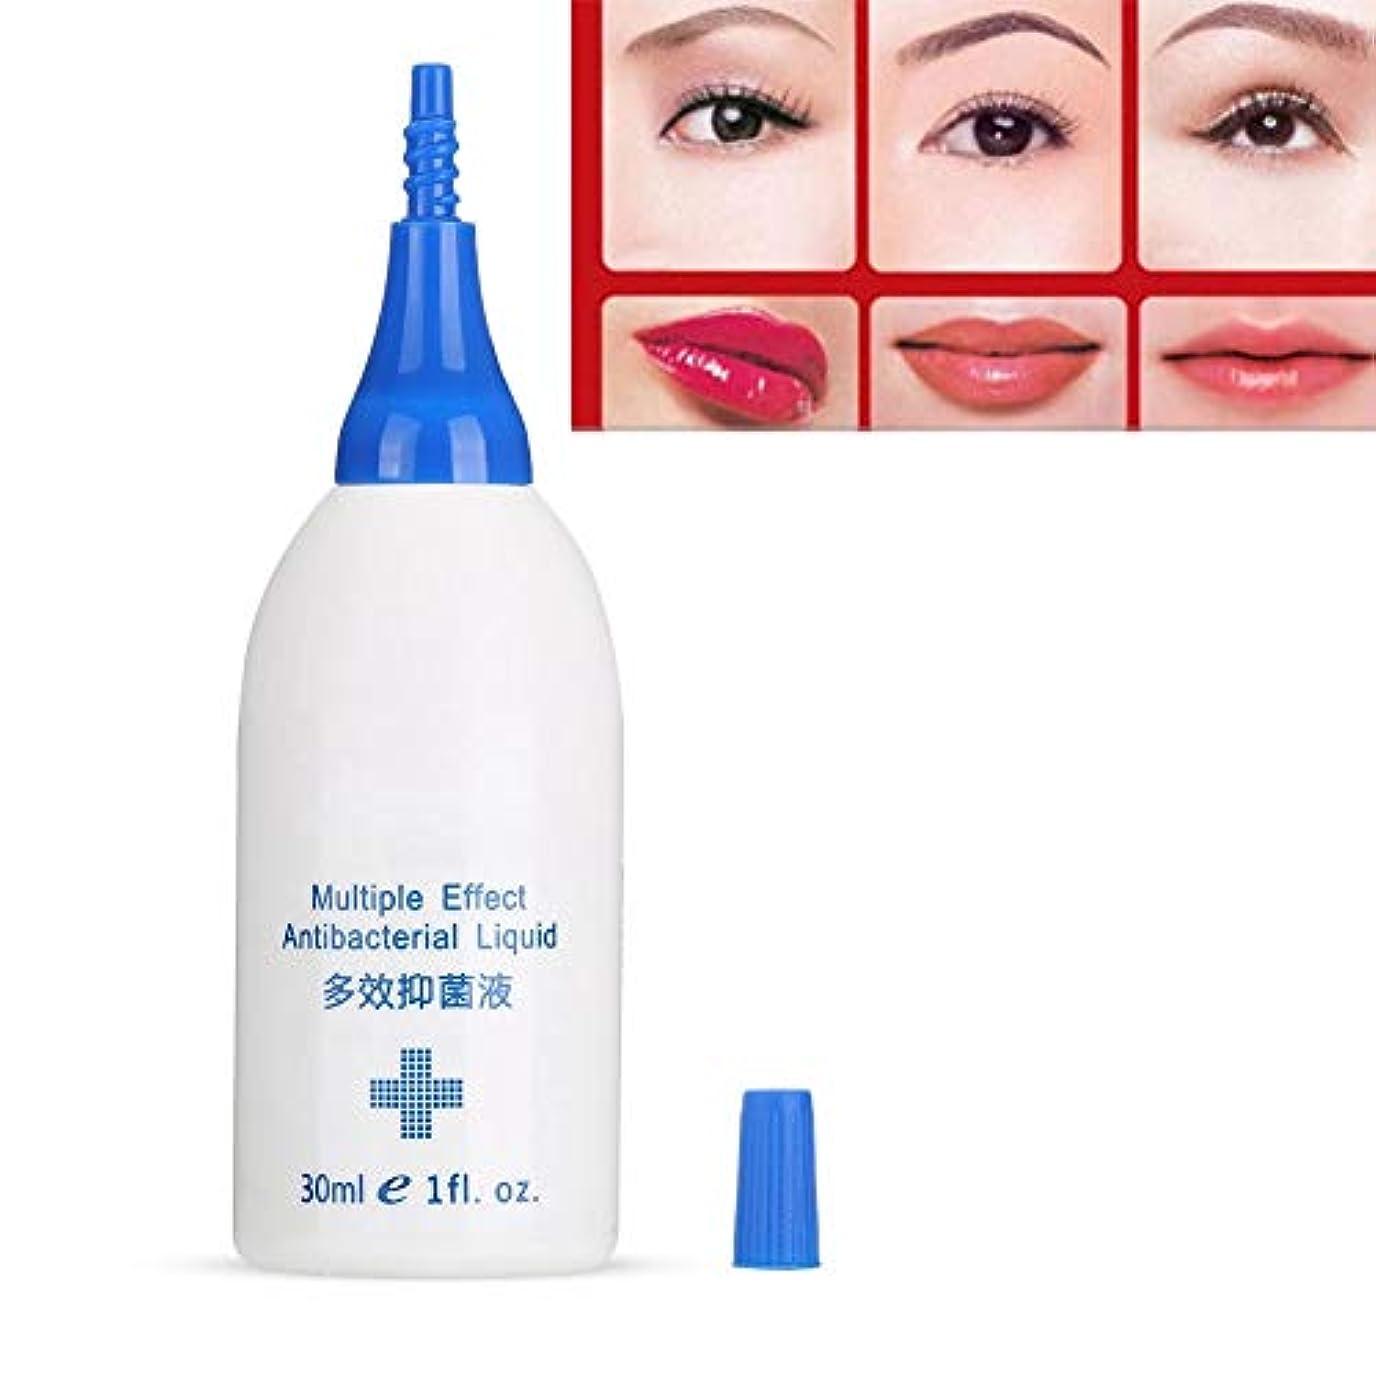 包括的耳会うリキッドパーマネントメイクアップ - アイブロウインクリップ、マイクロブレードアイブロウタトゥーインク、顔料リキッド補助剤